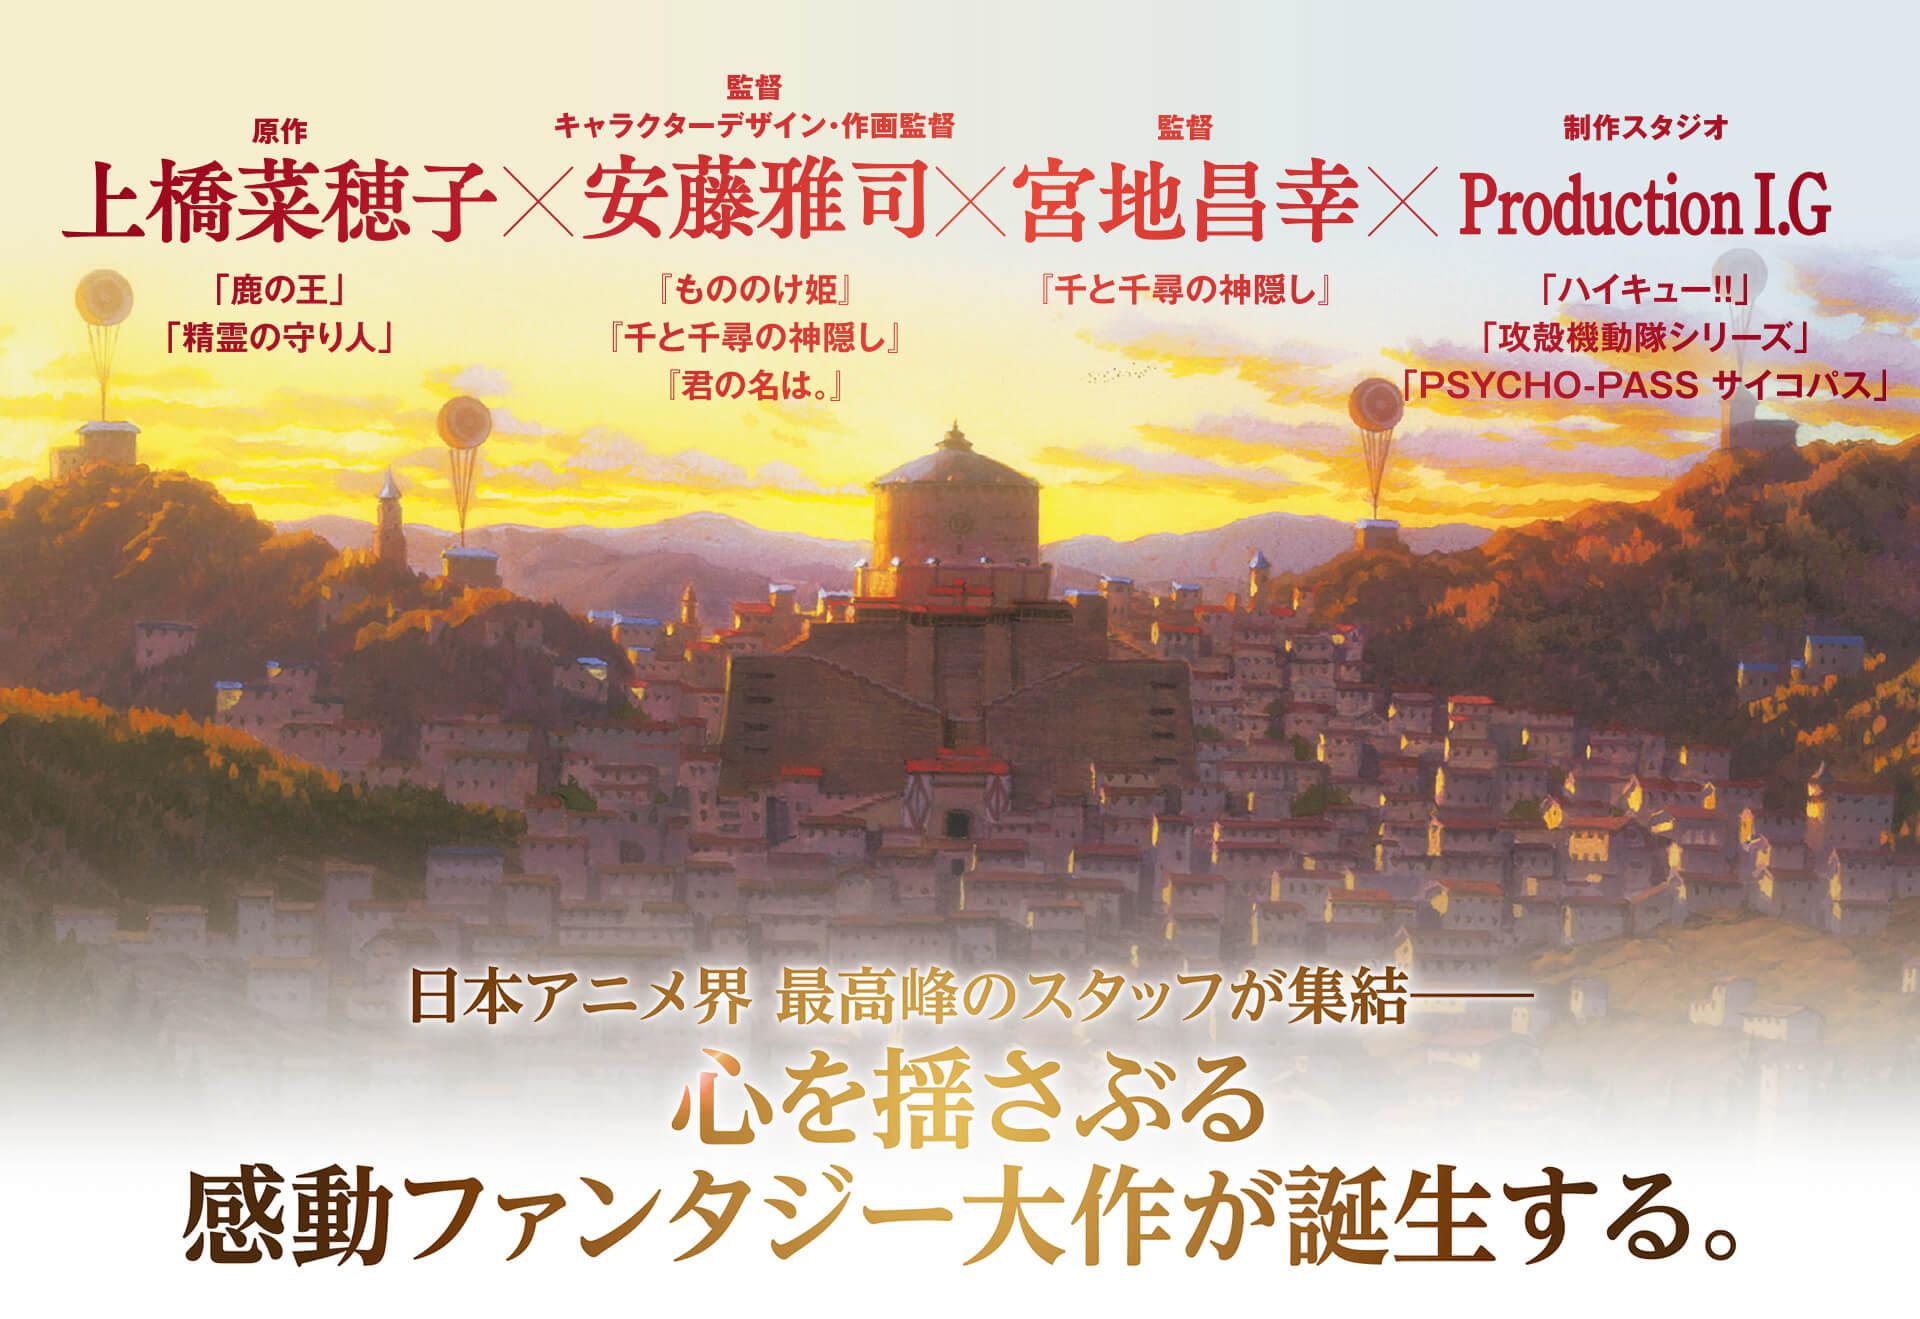 日本アニメ界最高のスタッフが集結ーー心を揺さぶる感動ファンタジー大作が誕生する。